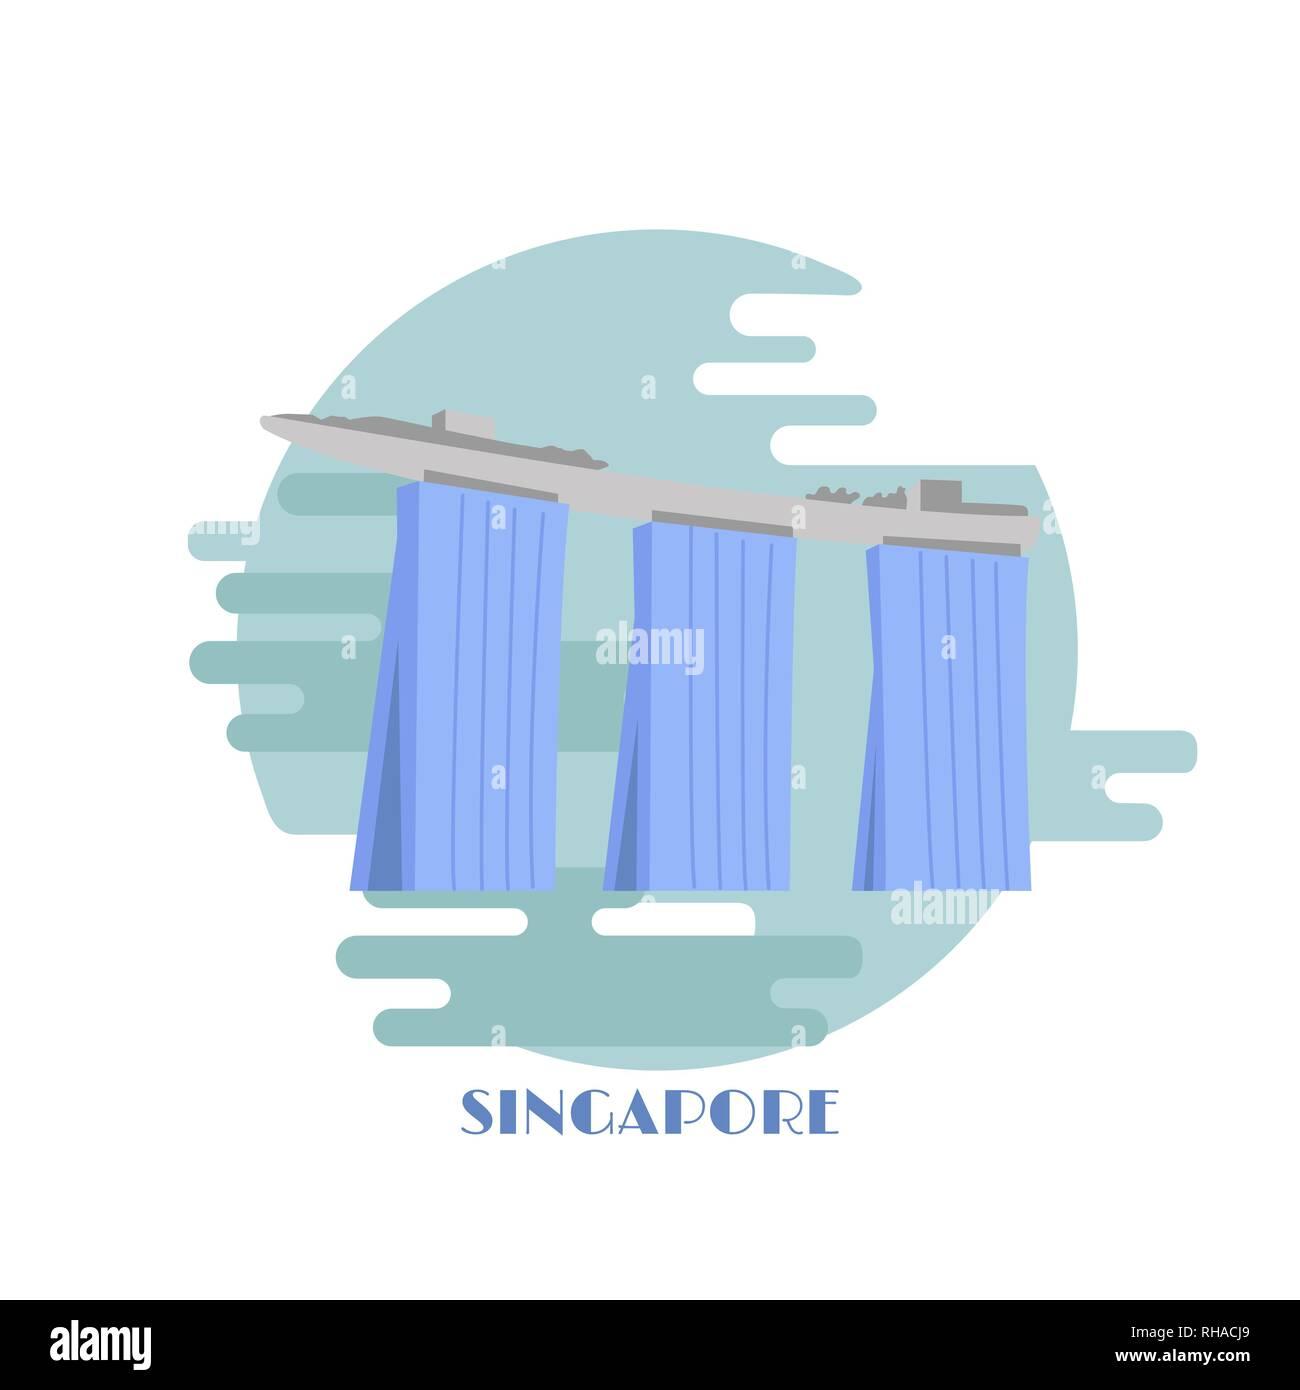 Marina Bay Sands building vector illustration. Singapore landmark. Singapore famous hotel isolated on white background. - Stock Image